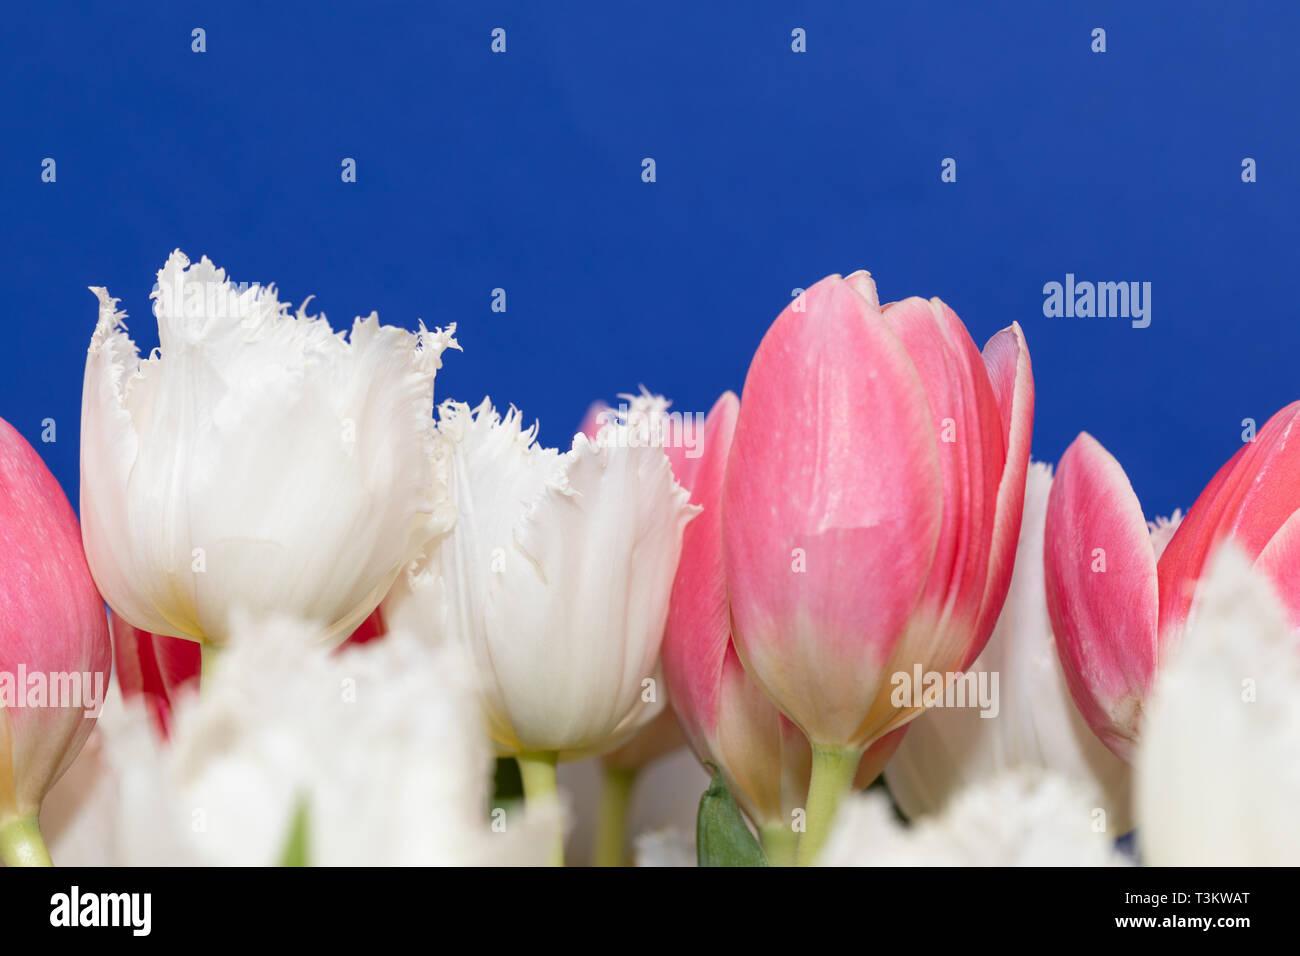 Tulipes roses et blancs, isolé sur fond bleu. Amazing fleurs de printemps Banque D'Images